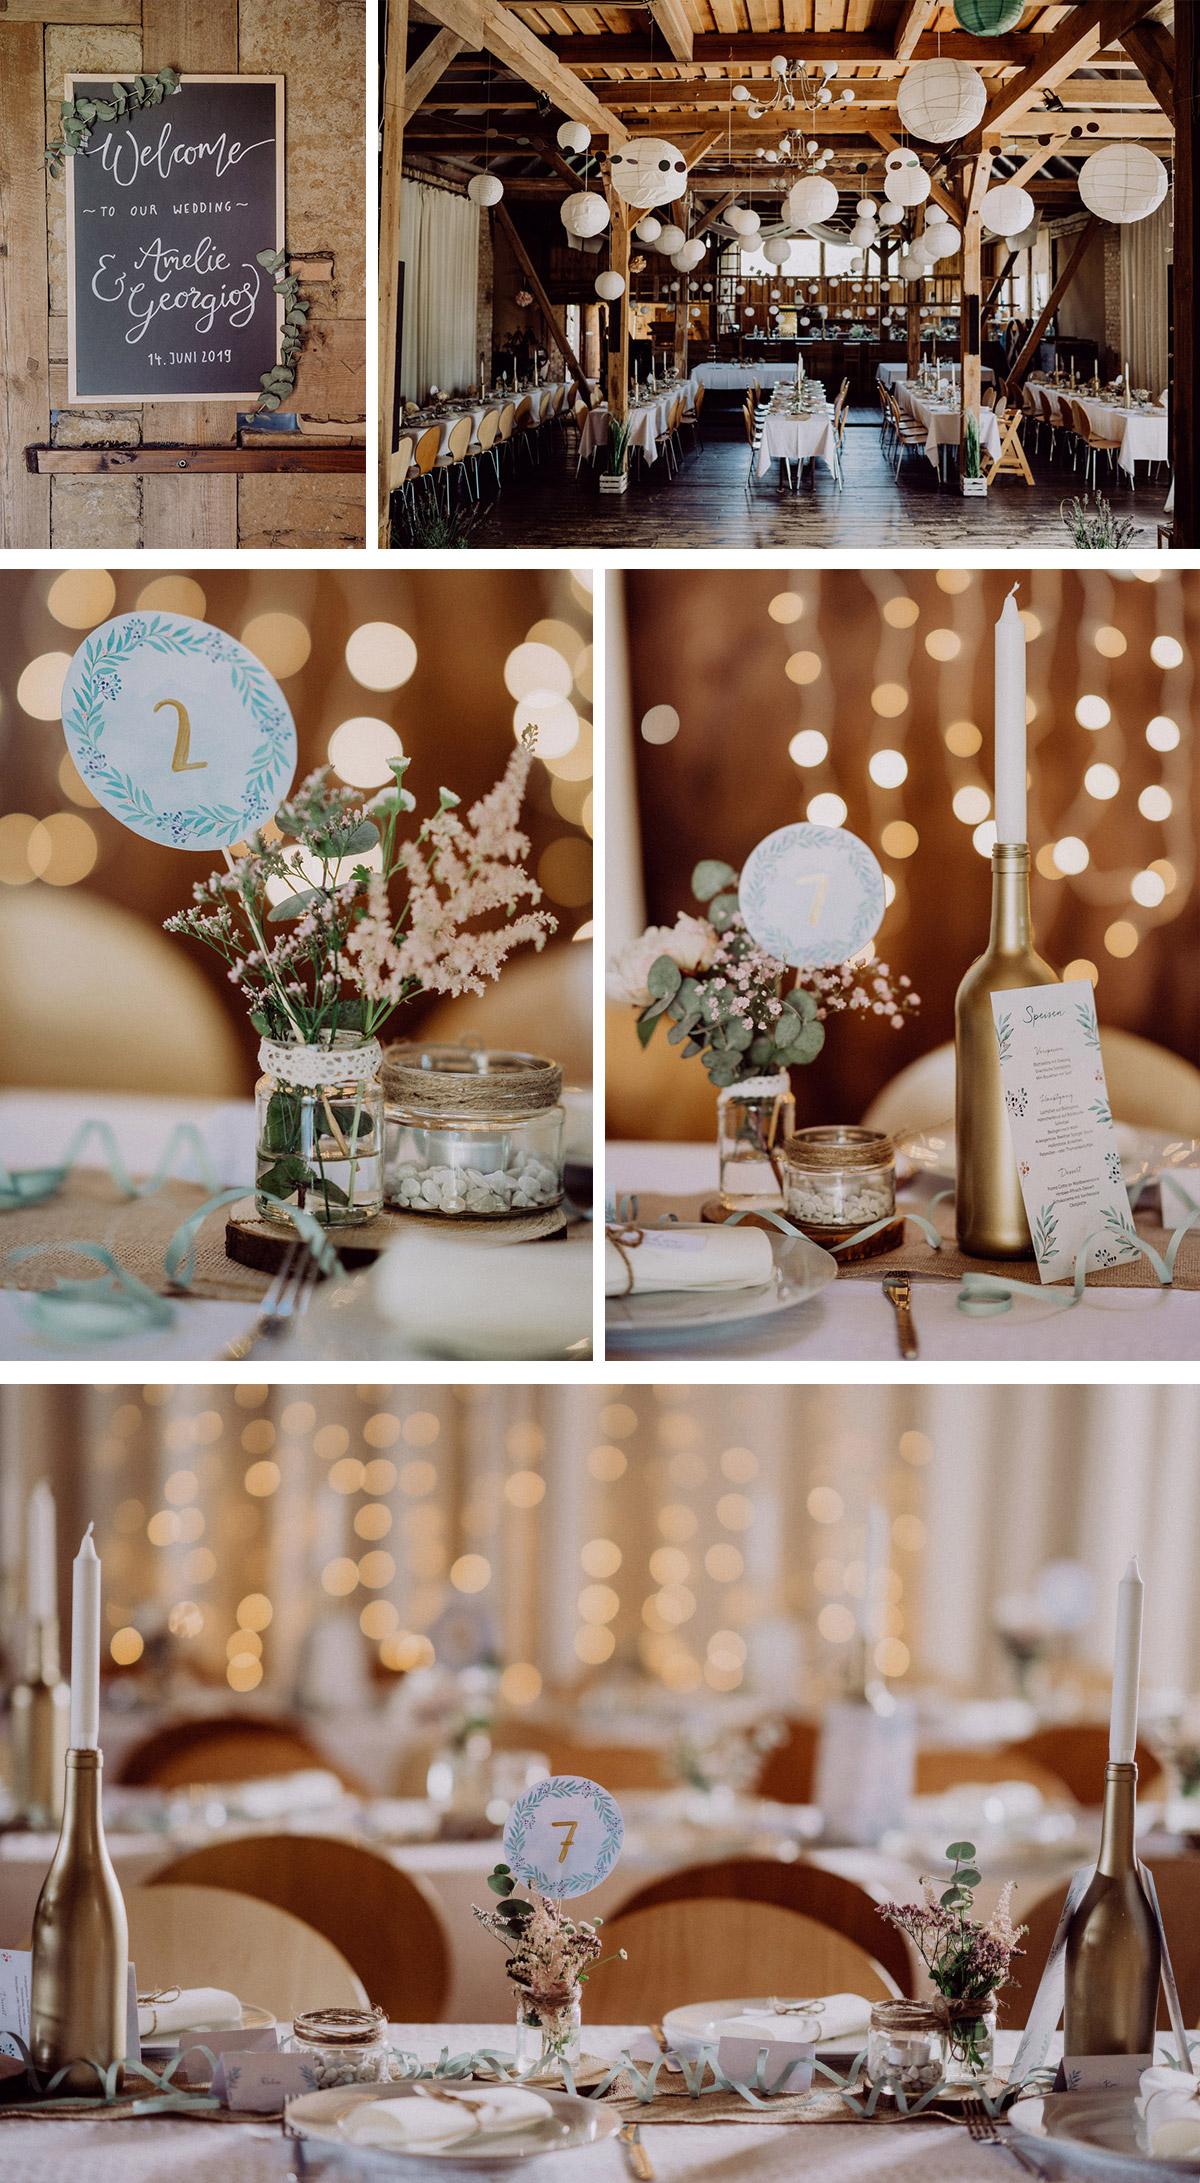 Scheunenhochzeit Dekoration vintage, Beleuchtung mit Lichterketten und DIY goldene Flaschen als Kerzenhalter, Tischdeko mit handgemalten Platznummern in DIY Gläsern mit Hochzeitsblumen auf Holzscheiben, Scheune Deko Willkommen auf Tafel, beiger Tischläufer, weiße Lampions von Decke